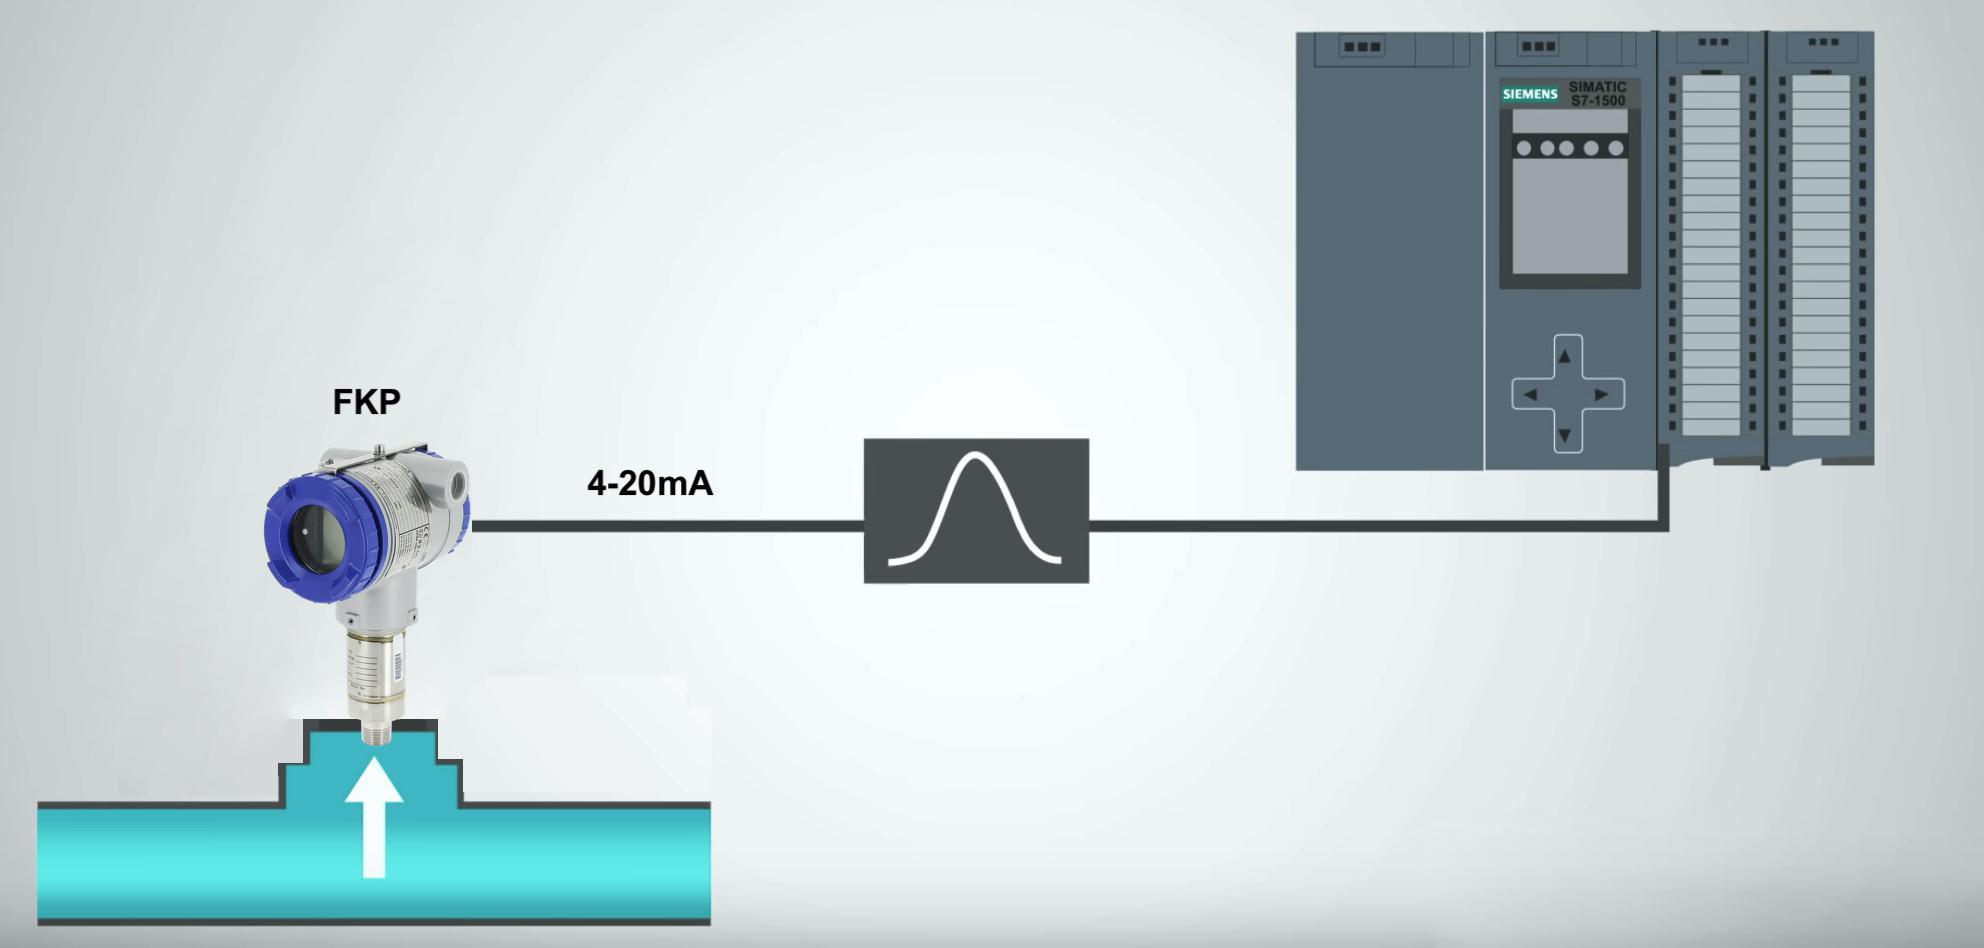 đo áp suất trong đường ống nước